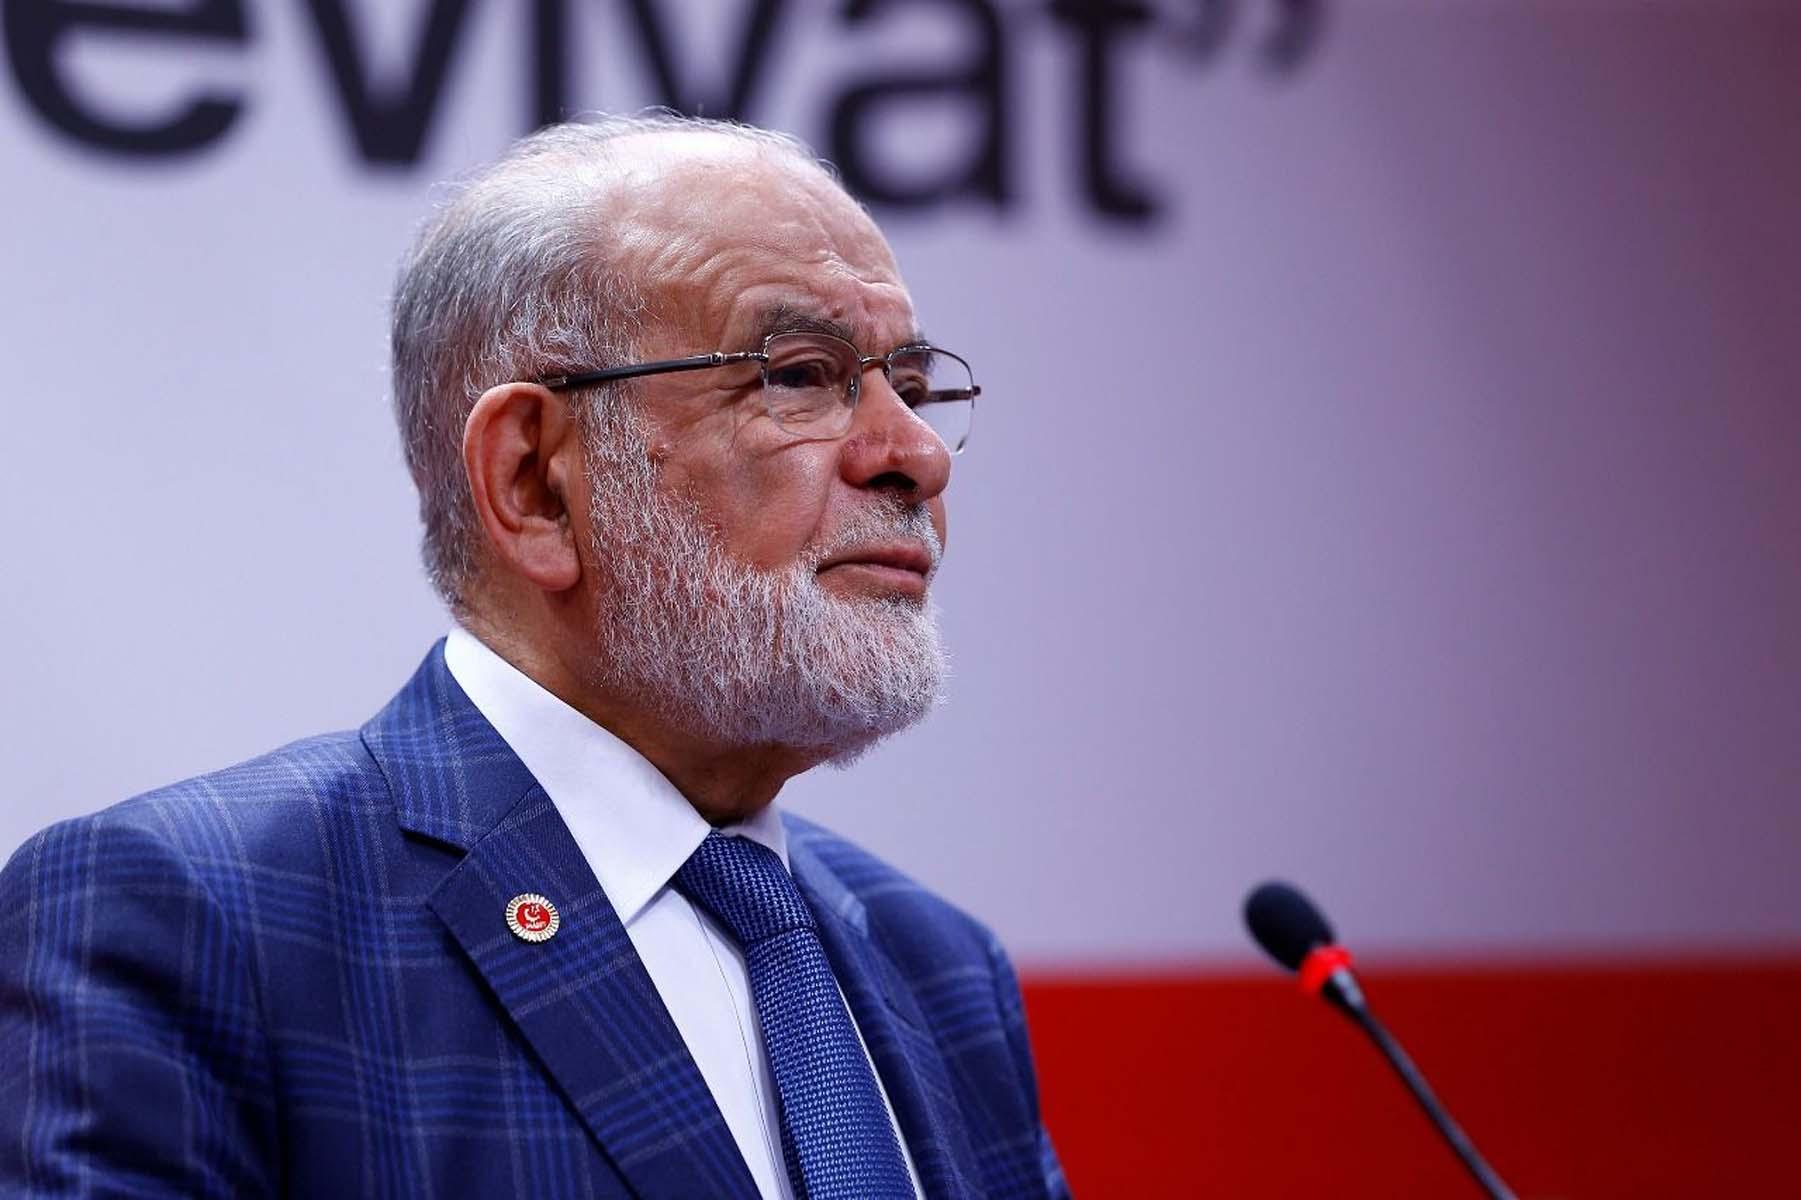 """Saadet Partisi Genel Başkanı Temel Karamollaoğlu'ndan ittifak açıklaması: ''Yanlışlarından dönerlerse AK Parti ile ittifak yapabilirim"""""""